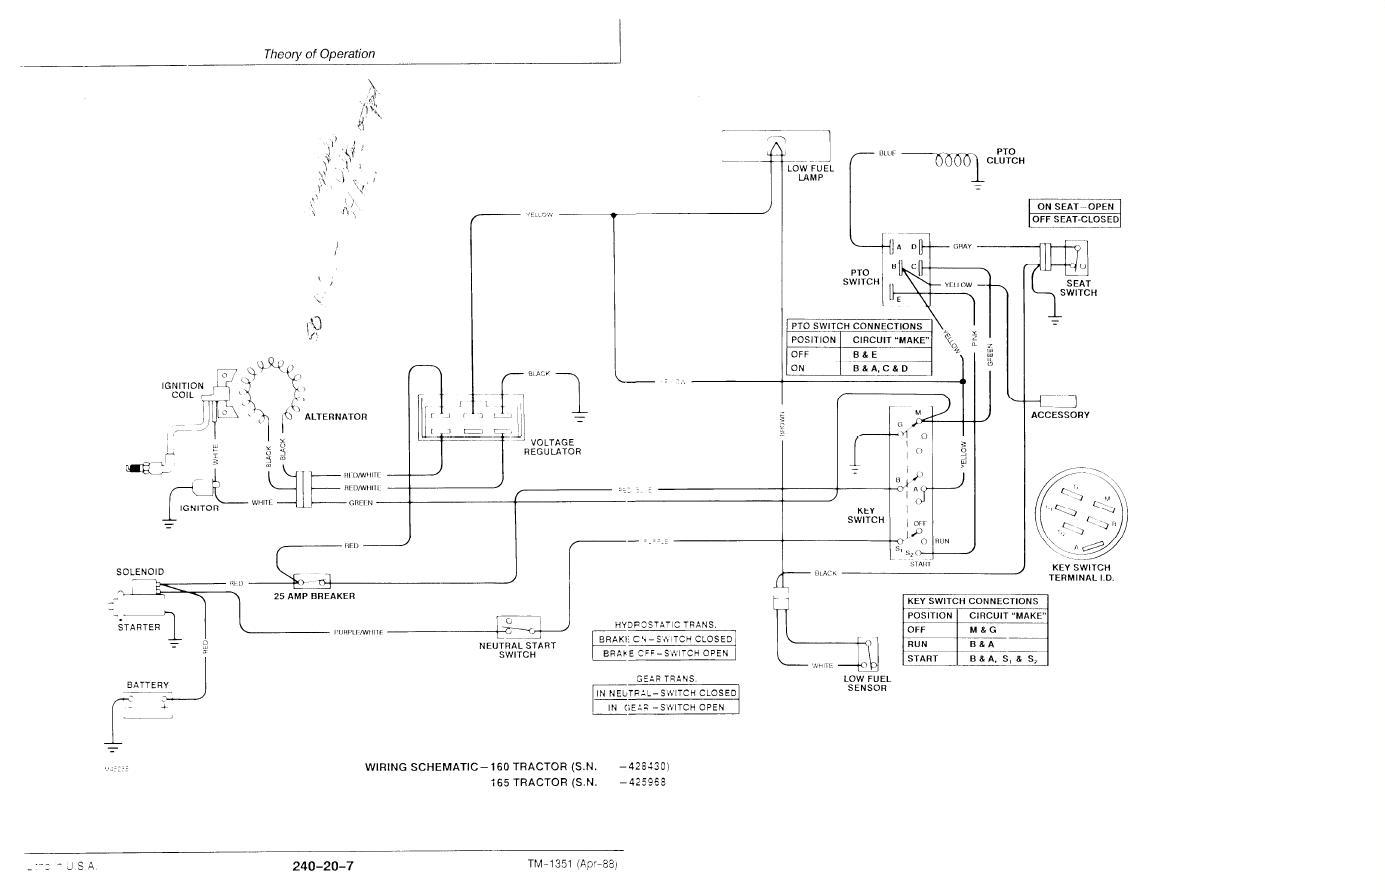 [DIAGRAM_5LK]  John Deere 160 Lawn Tractor | My Tractor Forum | John Deere 160 Wiring Diagram |  | My Tractor Forum